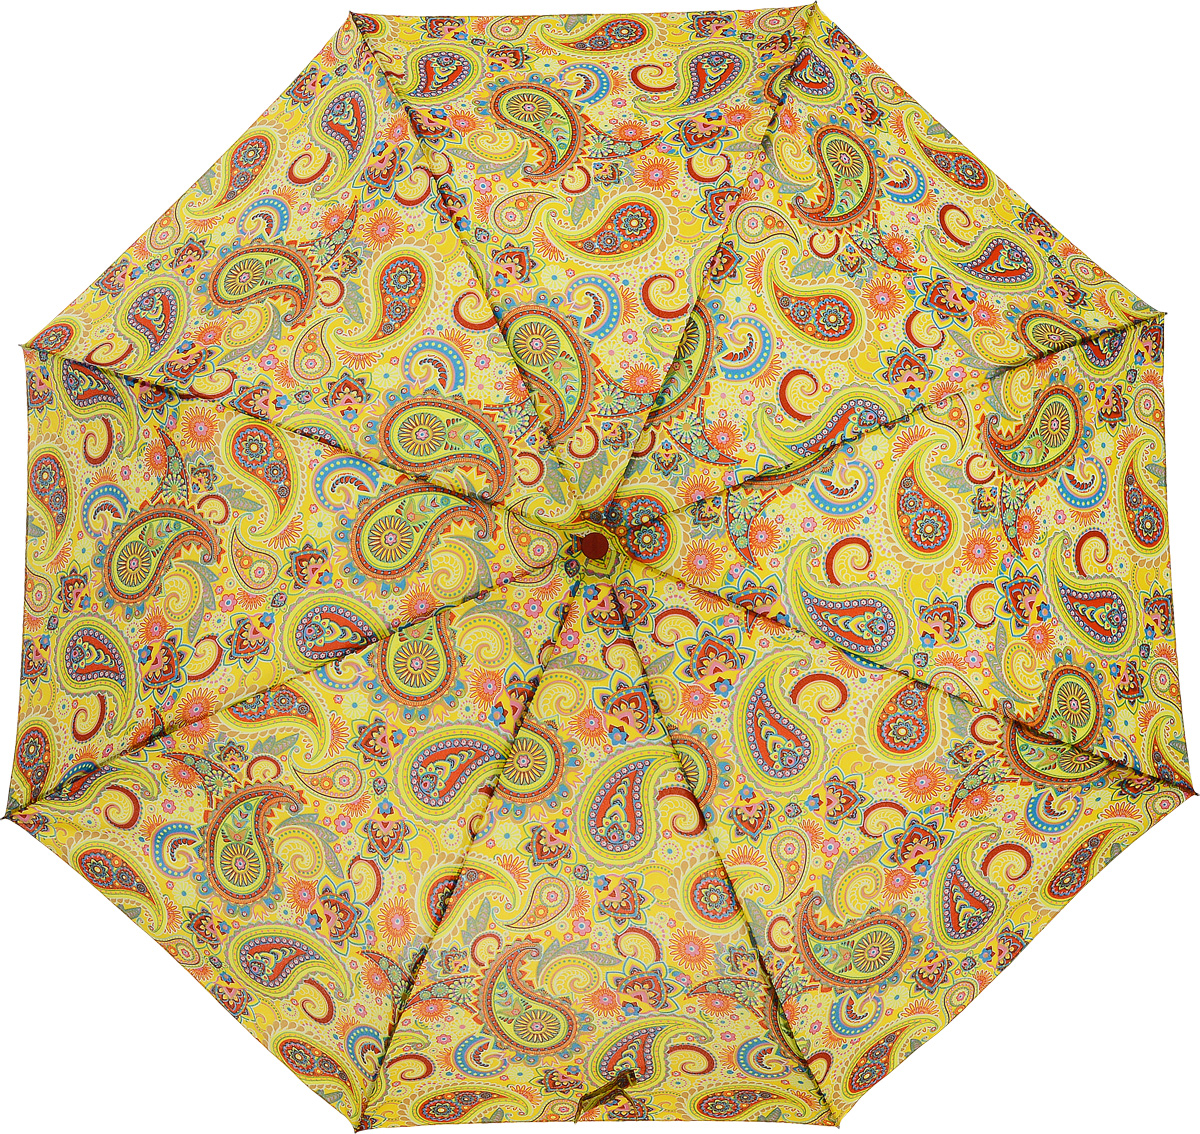 Зонт женский Airton, механический, 3 сложения, цвет: желтый, оранжевый. 3515-124 зонт airton 3515 женский механический